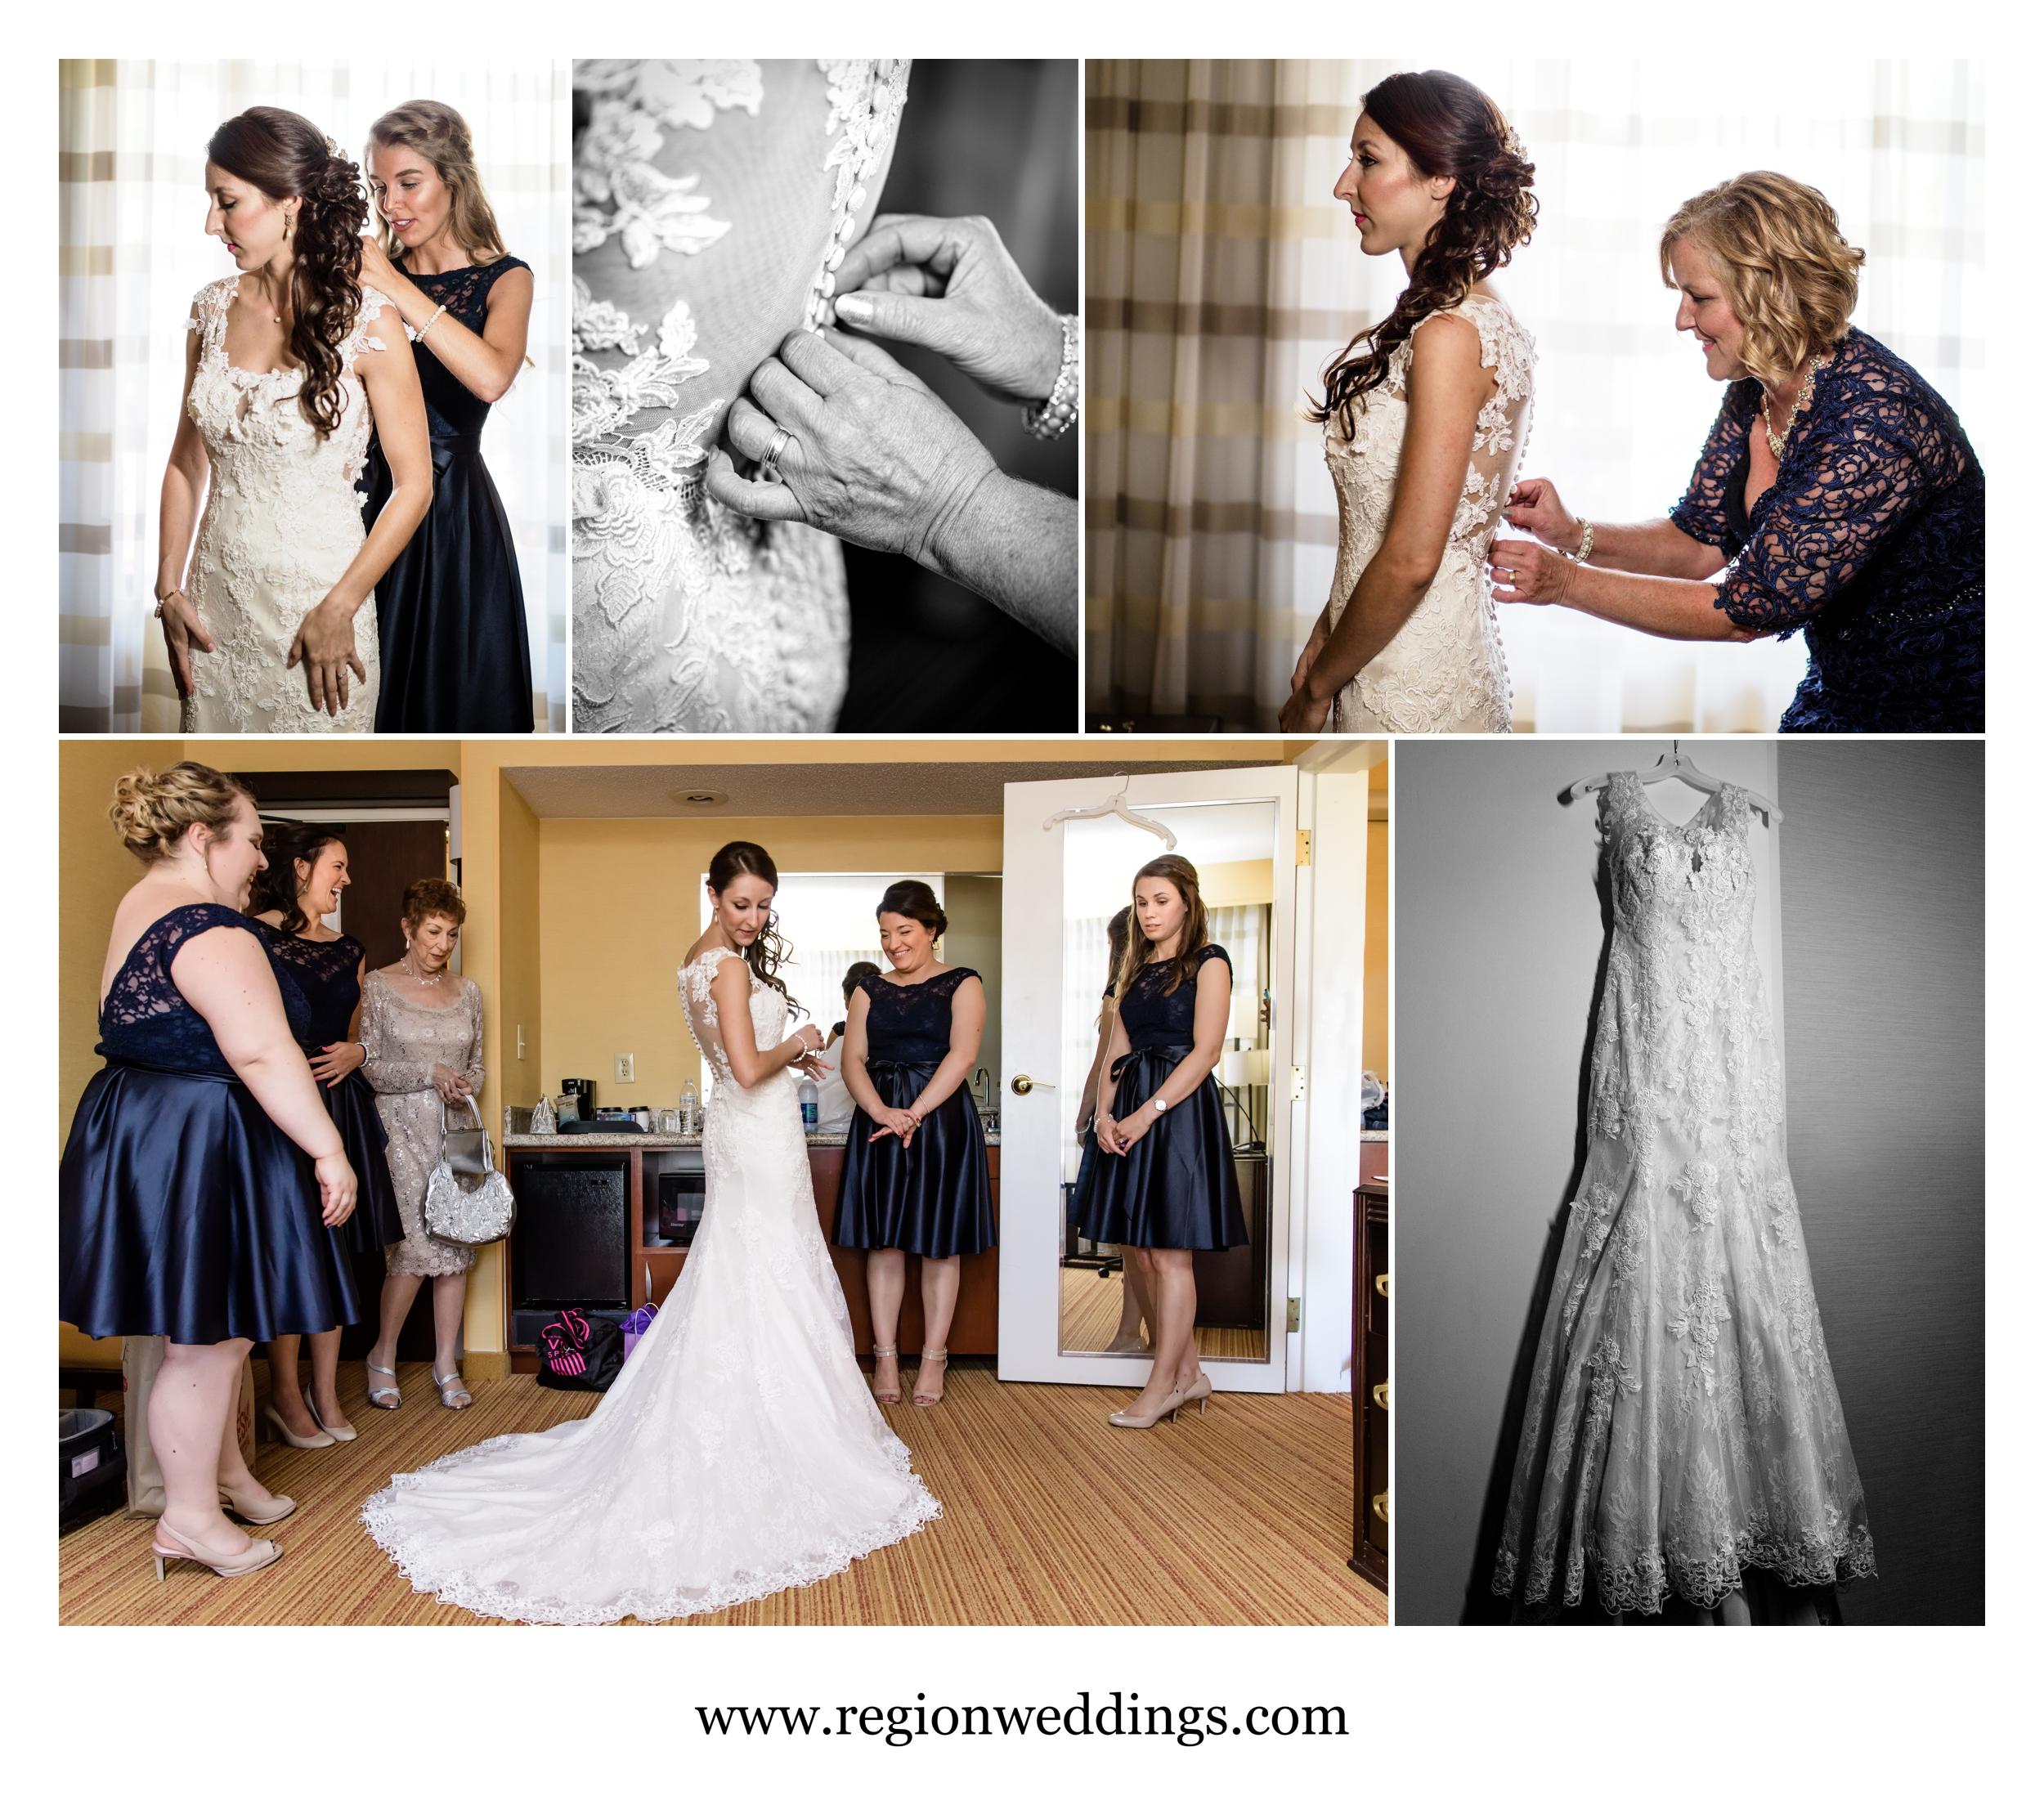 serbian-wedding-bridal-prep.jpg